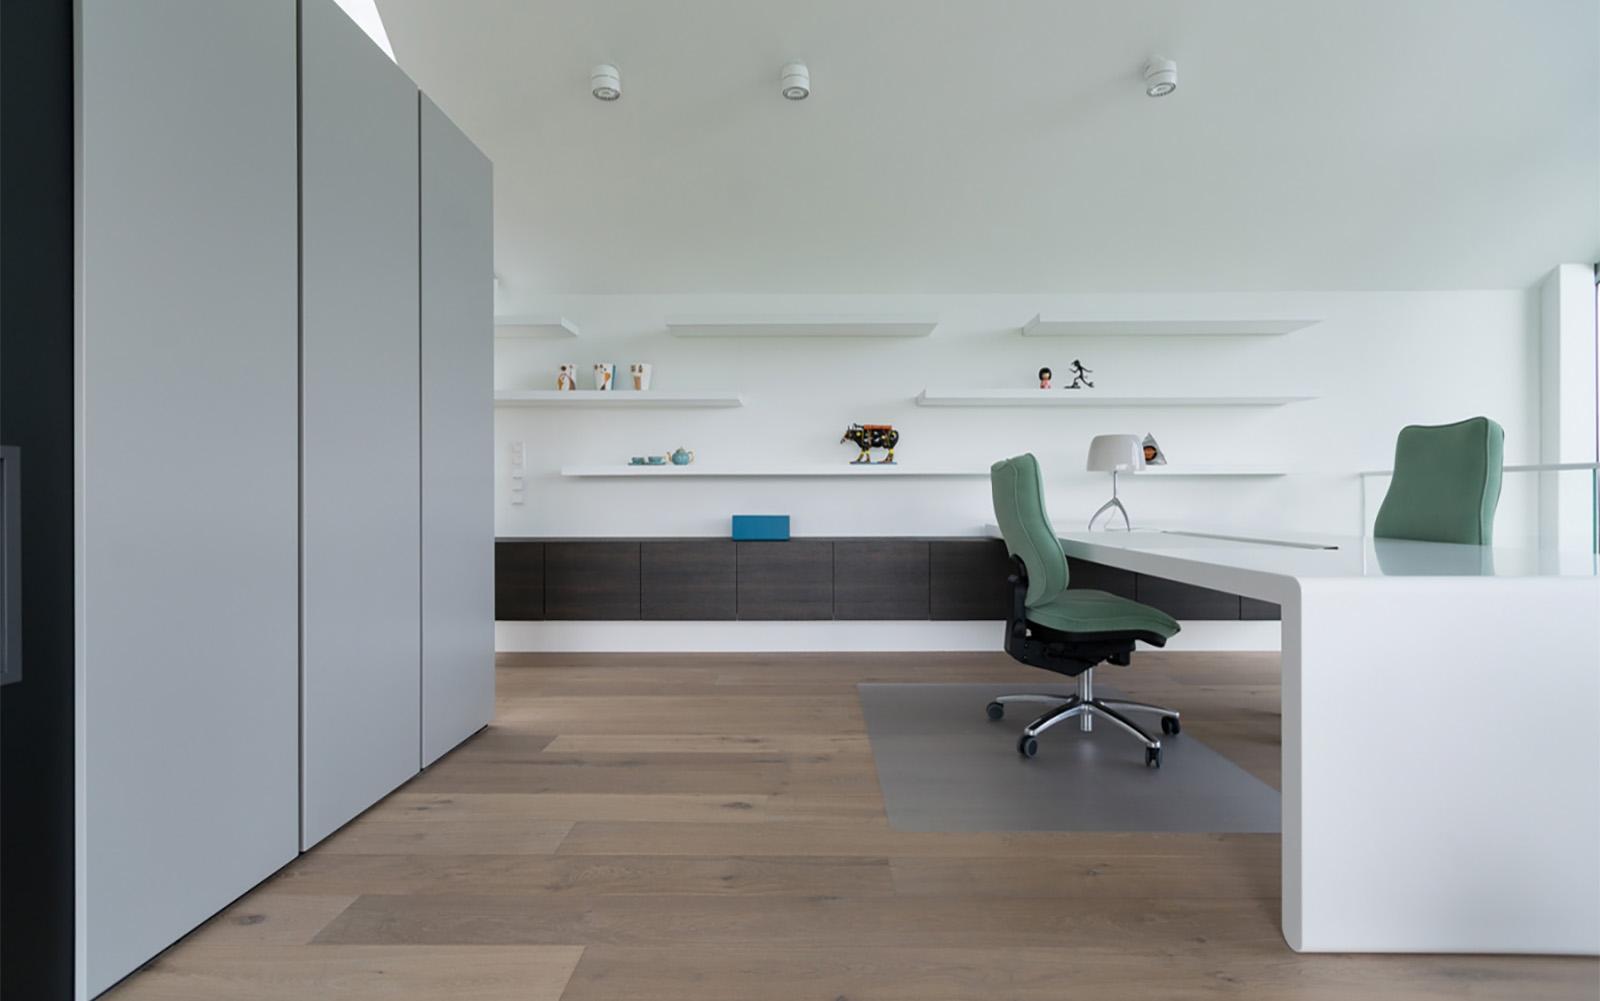 Schuurwoning, B-TOO, ontwerpburea, omgeven door groen, ruimte, licht